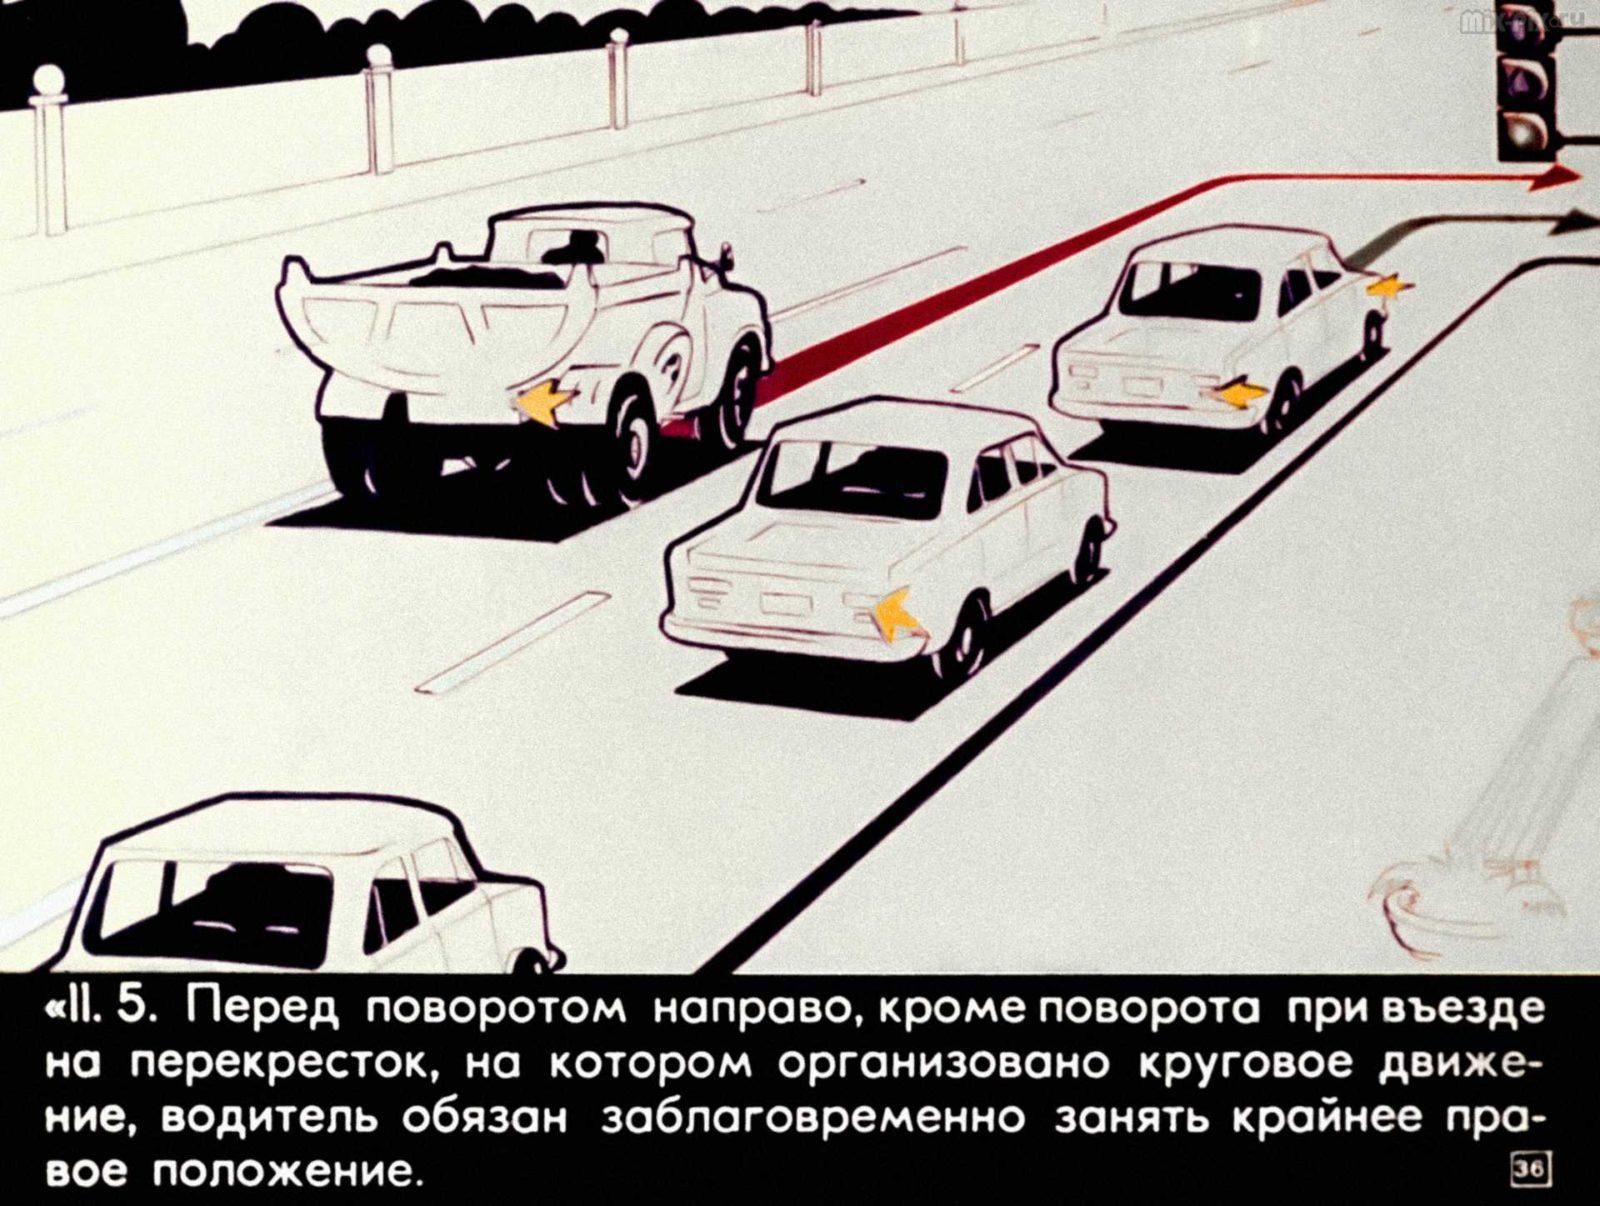 Правила дорожного движения. Расположение транспортных средств на проезжей части. Начало движения. Маневрирование (1983) 48